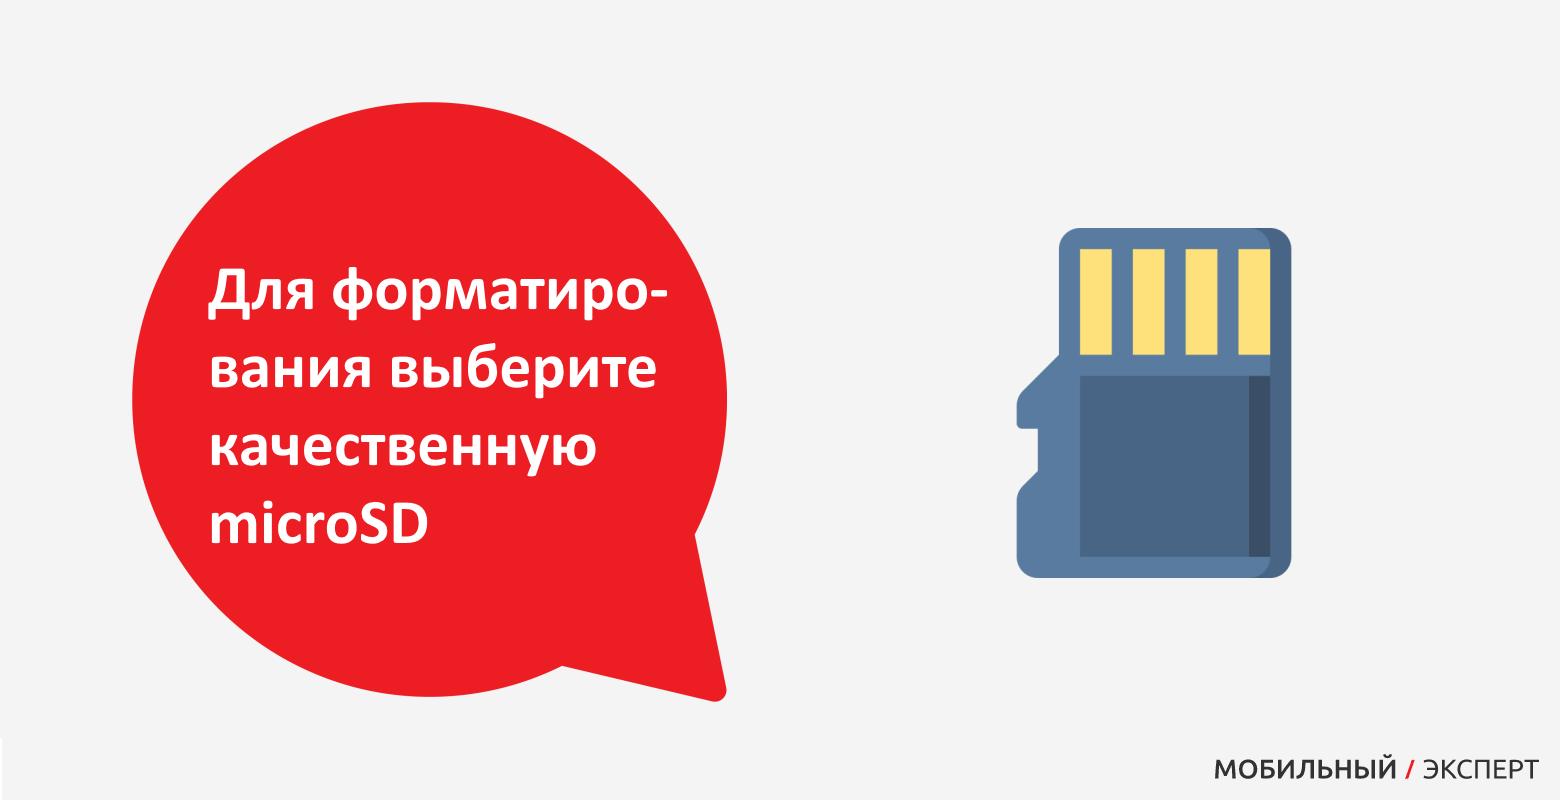 Для форматирования выберите качественную microSD